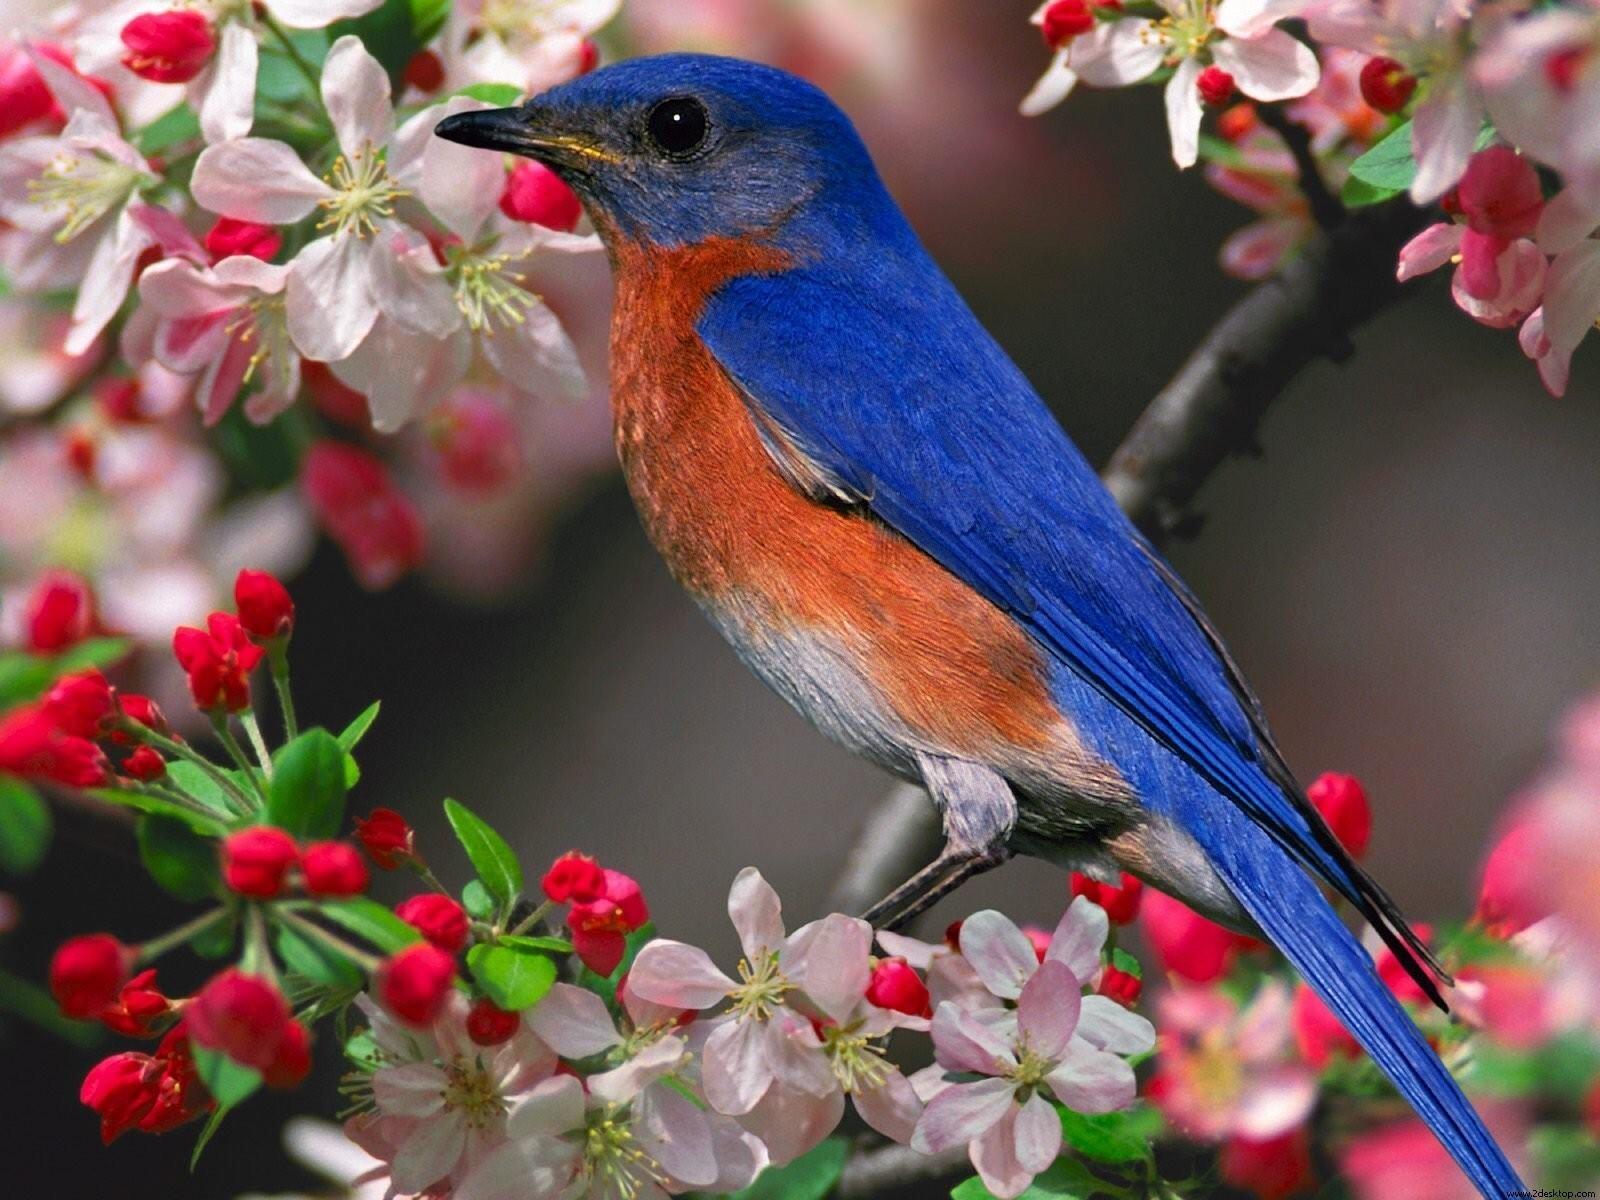 Blue Bird In Tree Hd Wallpapers